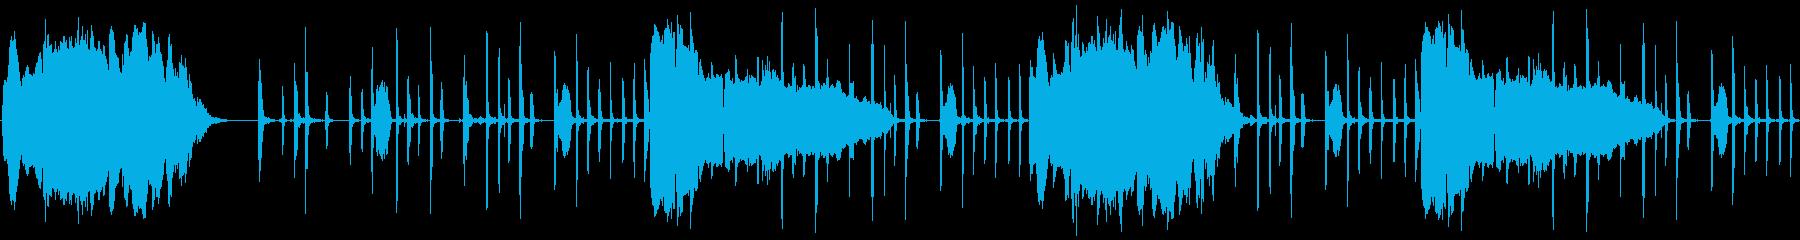 【女性バラード/ビートボックス】の再生済みの波形